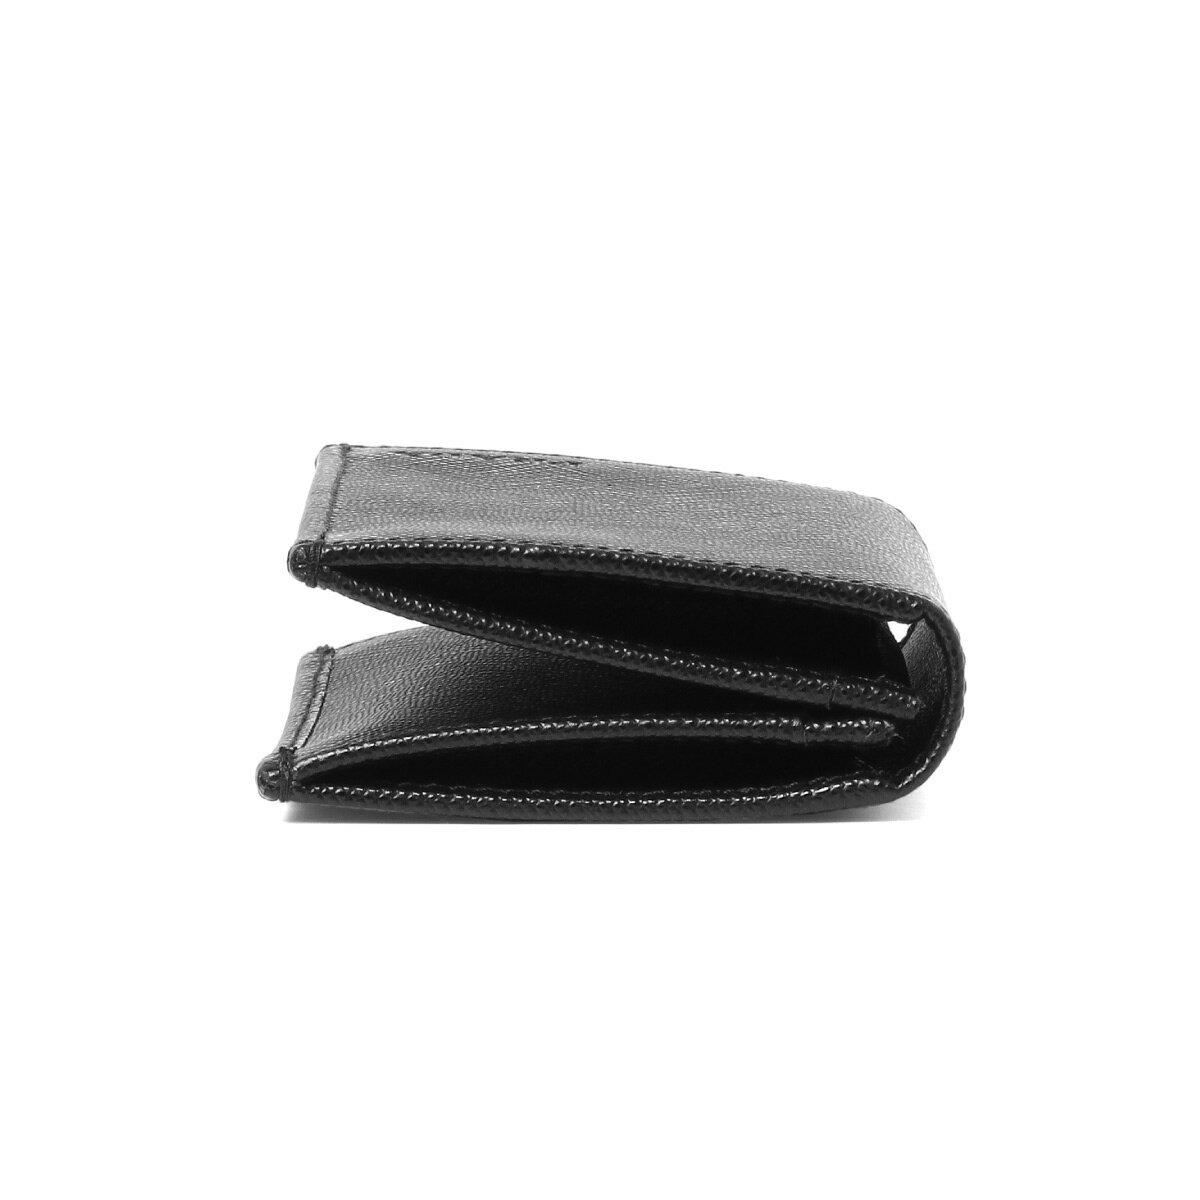 プラダ PRADA カードケース メンズ 2MC945 PN9 F0002 SAFFIANO 1 NERO ブラック